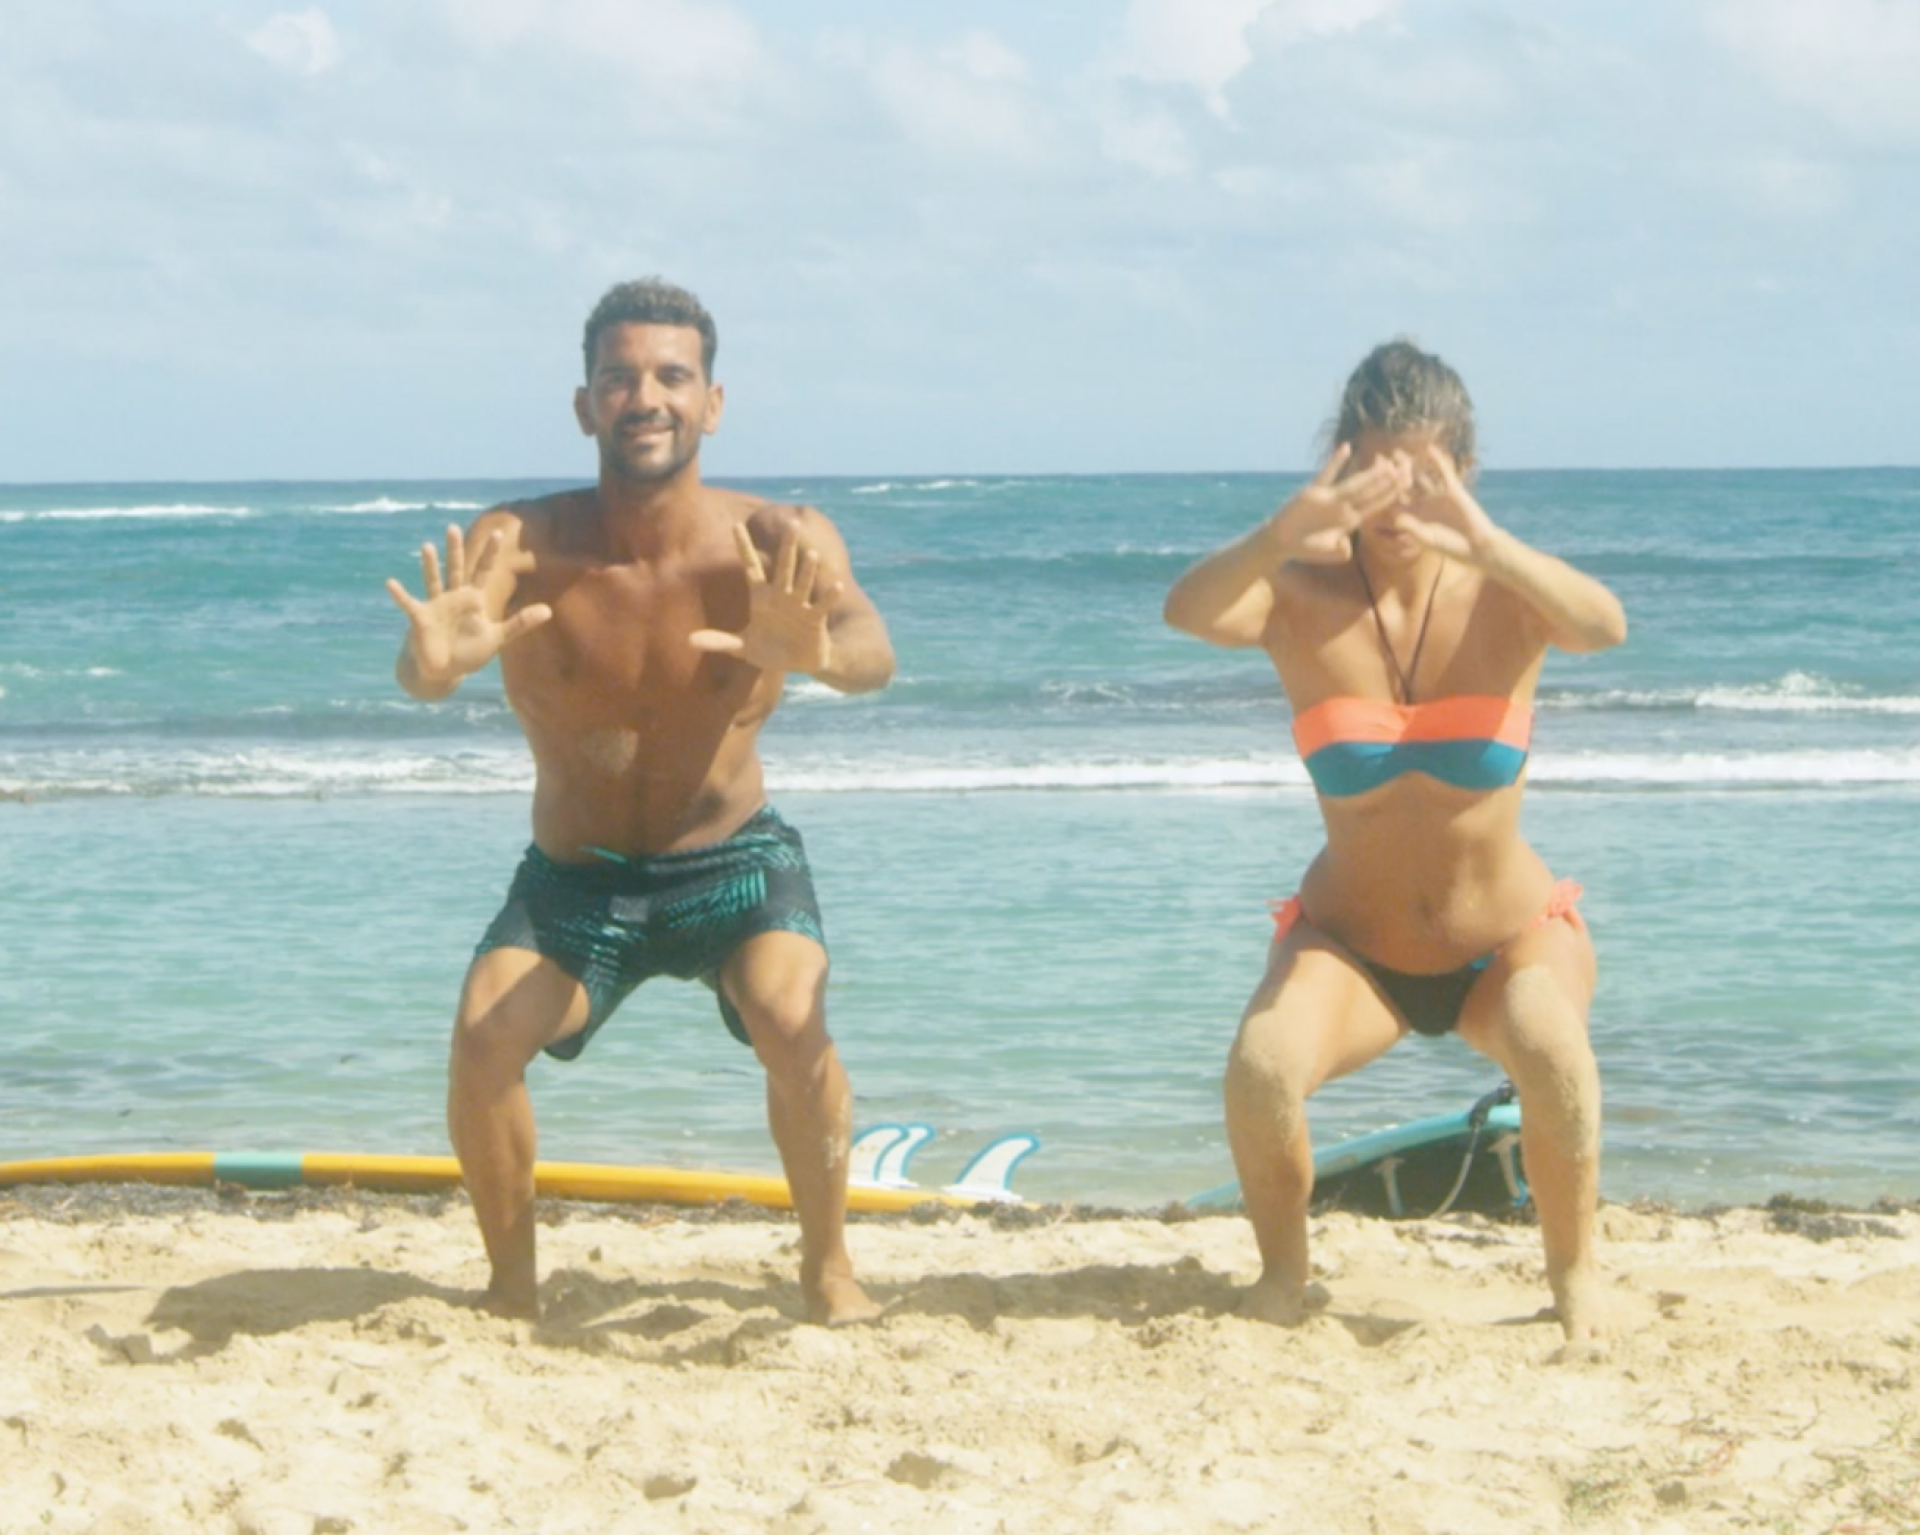 pompes pour s'échauffer en surf